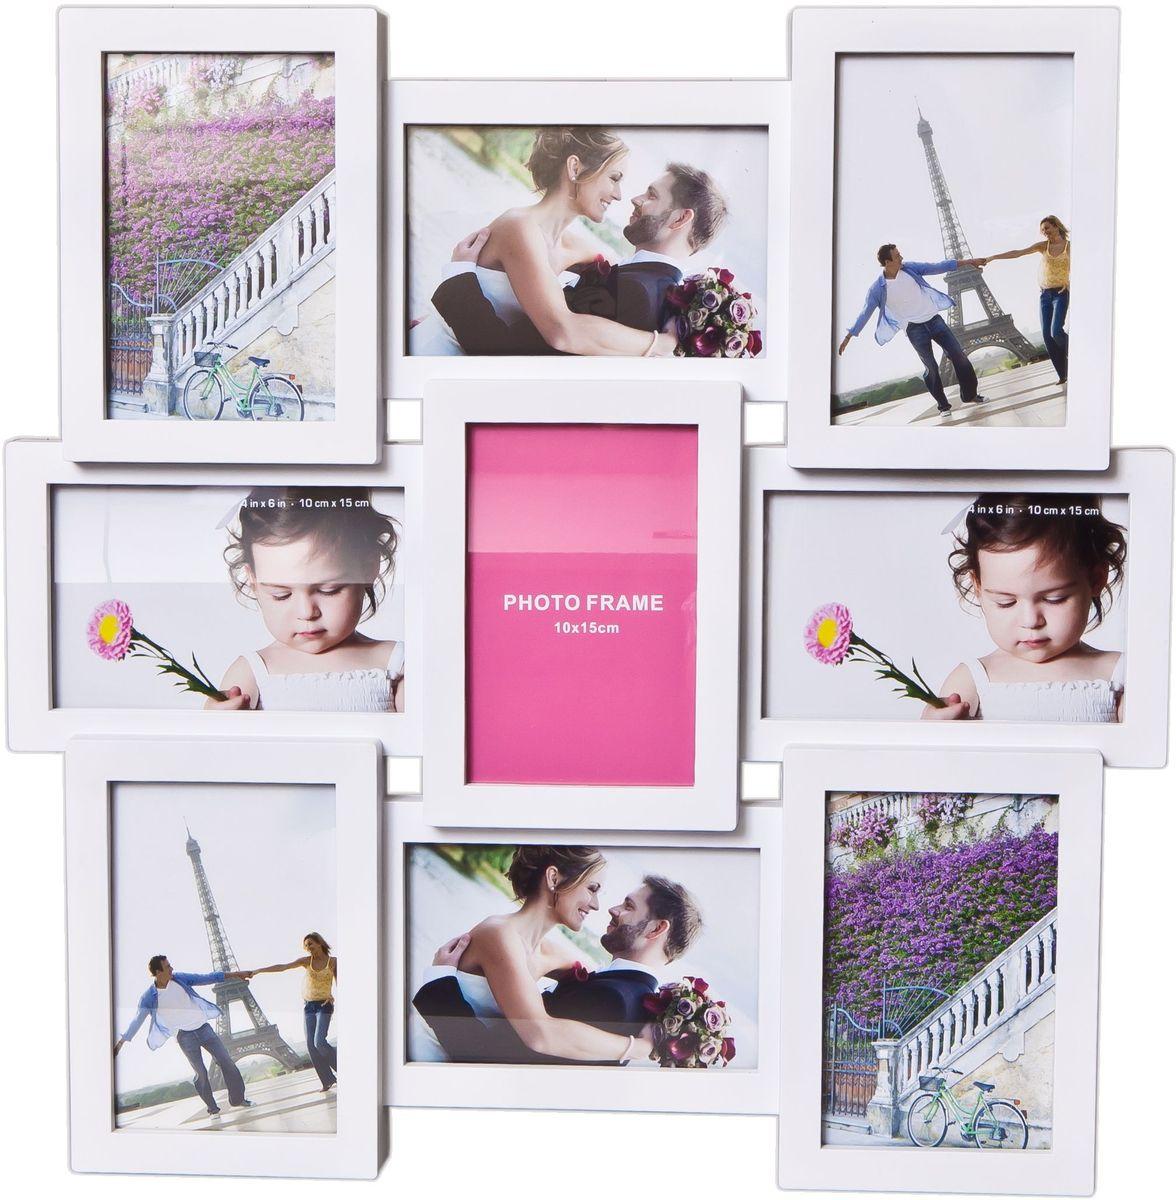 Фоторамка Platinum, цвет: белый, на 9 фото 10 х 15 см. BH-2209RG-D31SФоторамка Platinum - прекрасный способ красиво оформить ваши фотографии. Фоторамка выполнена из пластика и защищена стеклом. Фоторамка-коллаж представляет собой девять фоторамок для фото одного размера оригинально соединенных между собой. Такая фоторамка поможет сохранить в памяти самые яркие моменты вашей жизни, а стильный дизайн сделает ее прекрасным дополнением интерьера комнаты. Фоторамка подходит для фотографий 10 х 15 см.Общий размер фоторамки: 44 х 44 см.